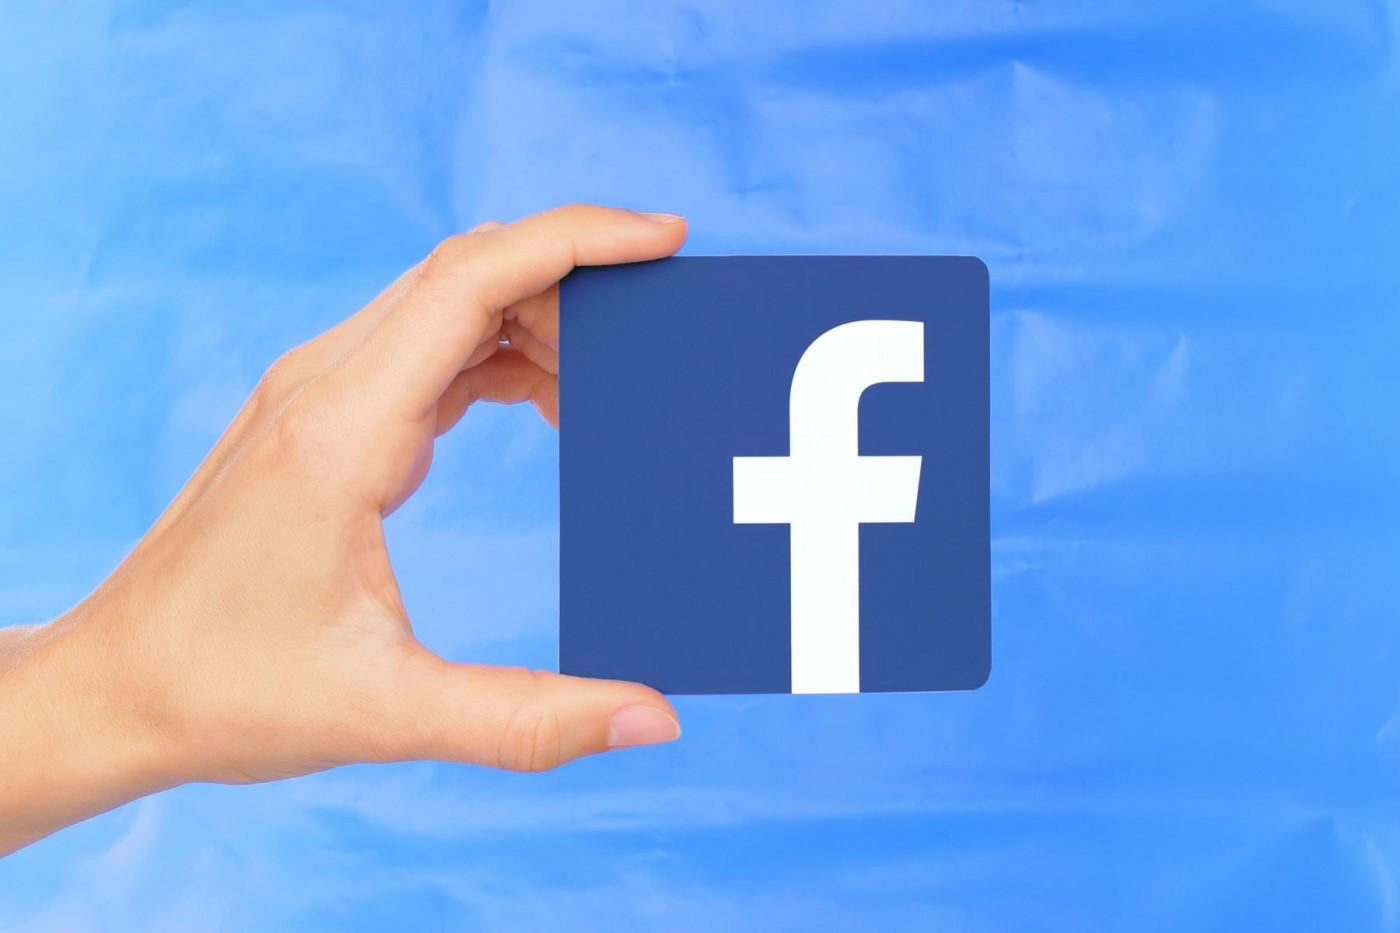 一款心理測驗App,引爆Facebook史上最大個資外洩危機